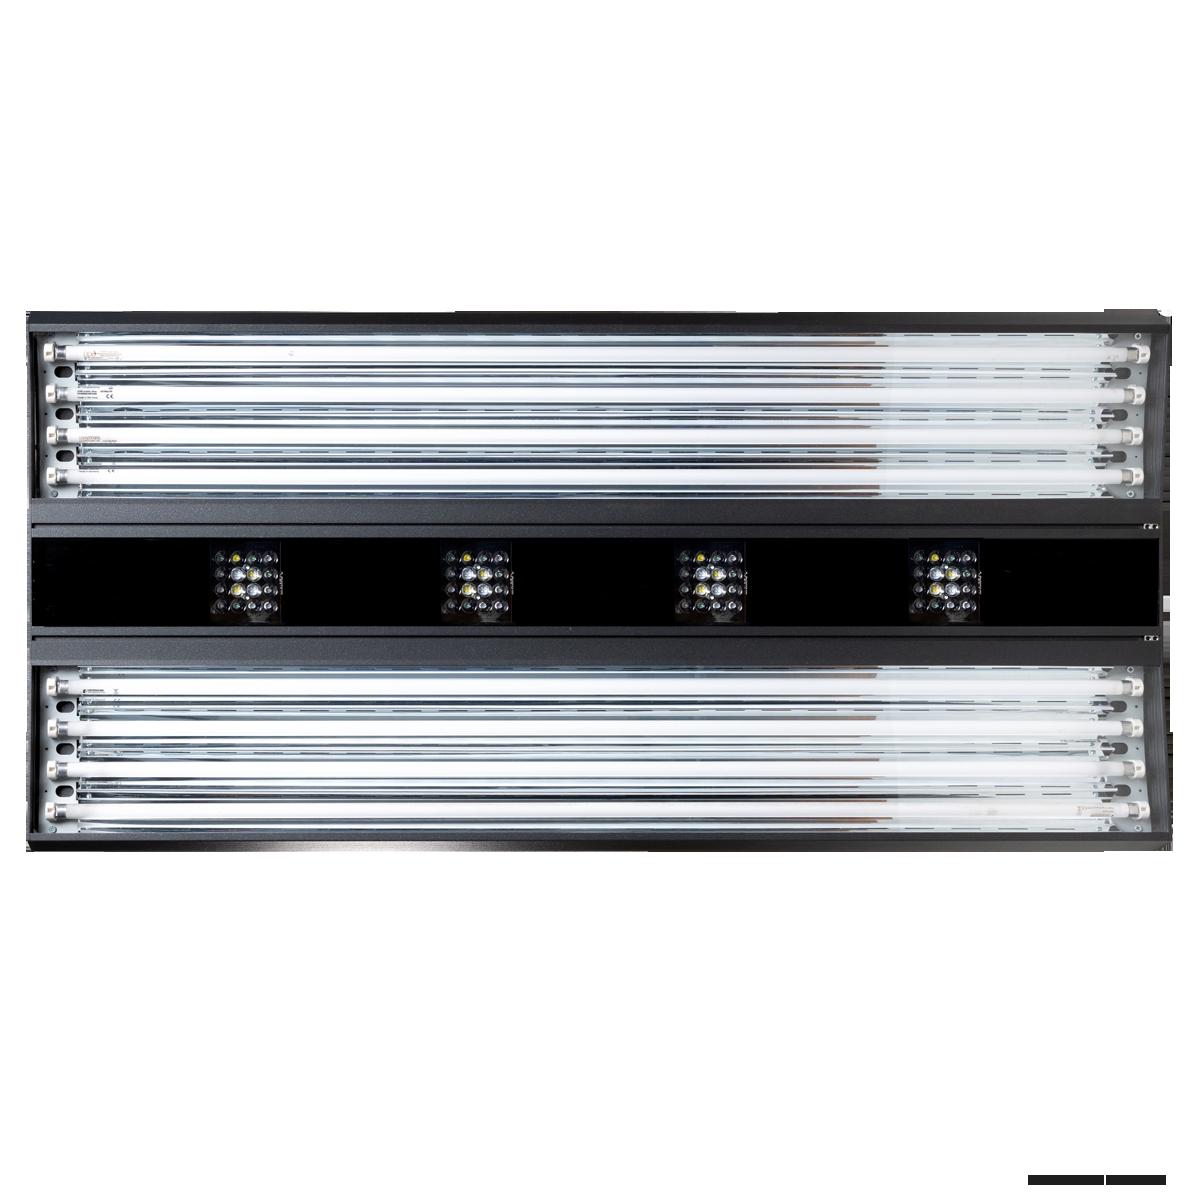 Giesemann Aurora V8 Beleuchtung  1500mm Polarweiß Palettenversand